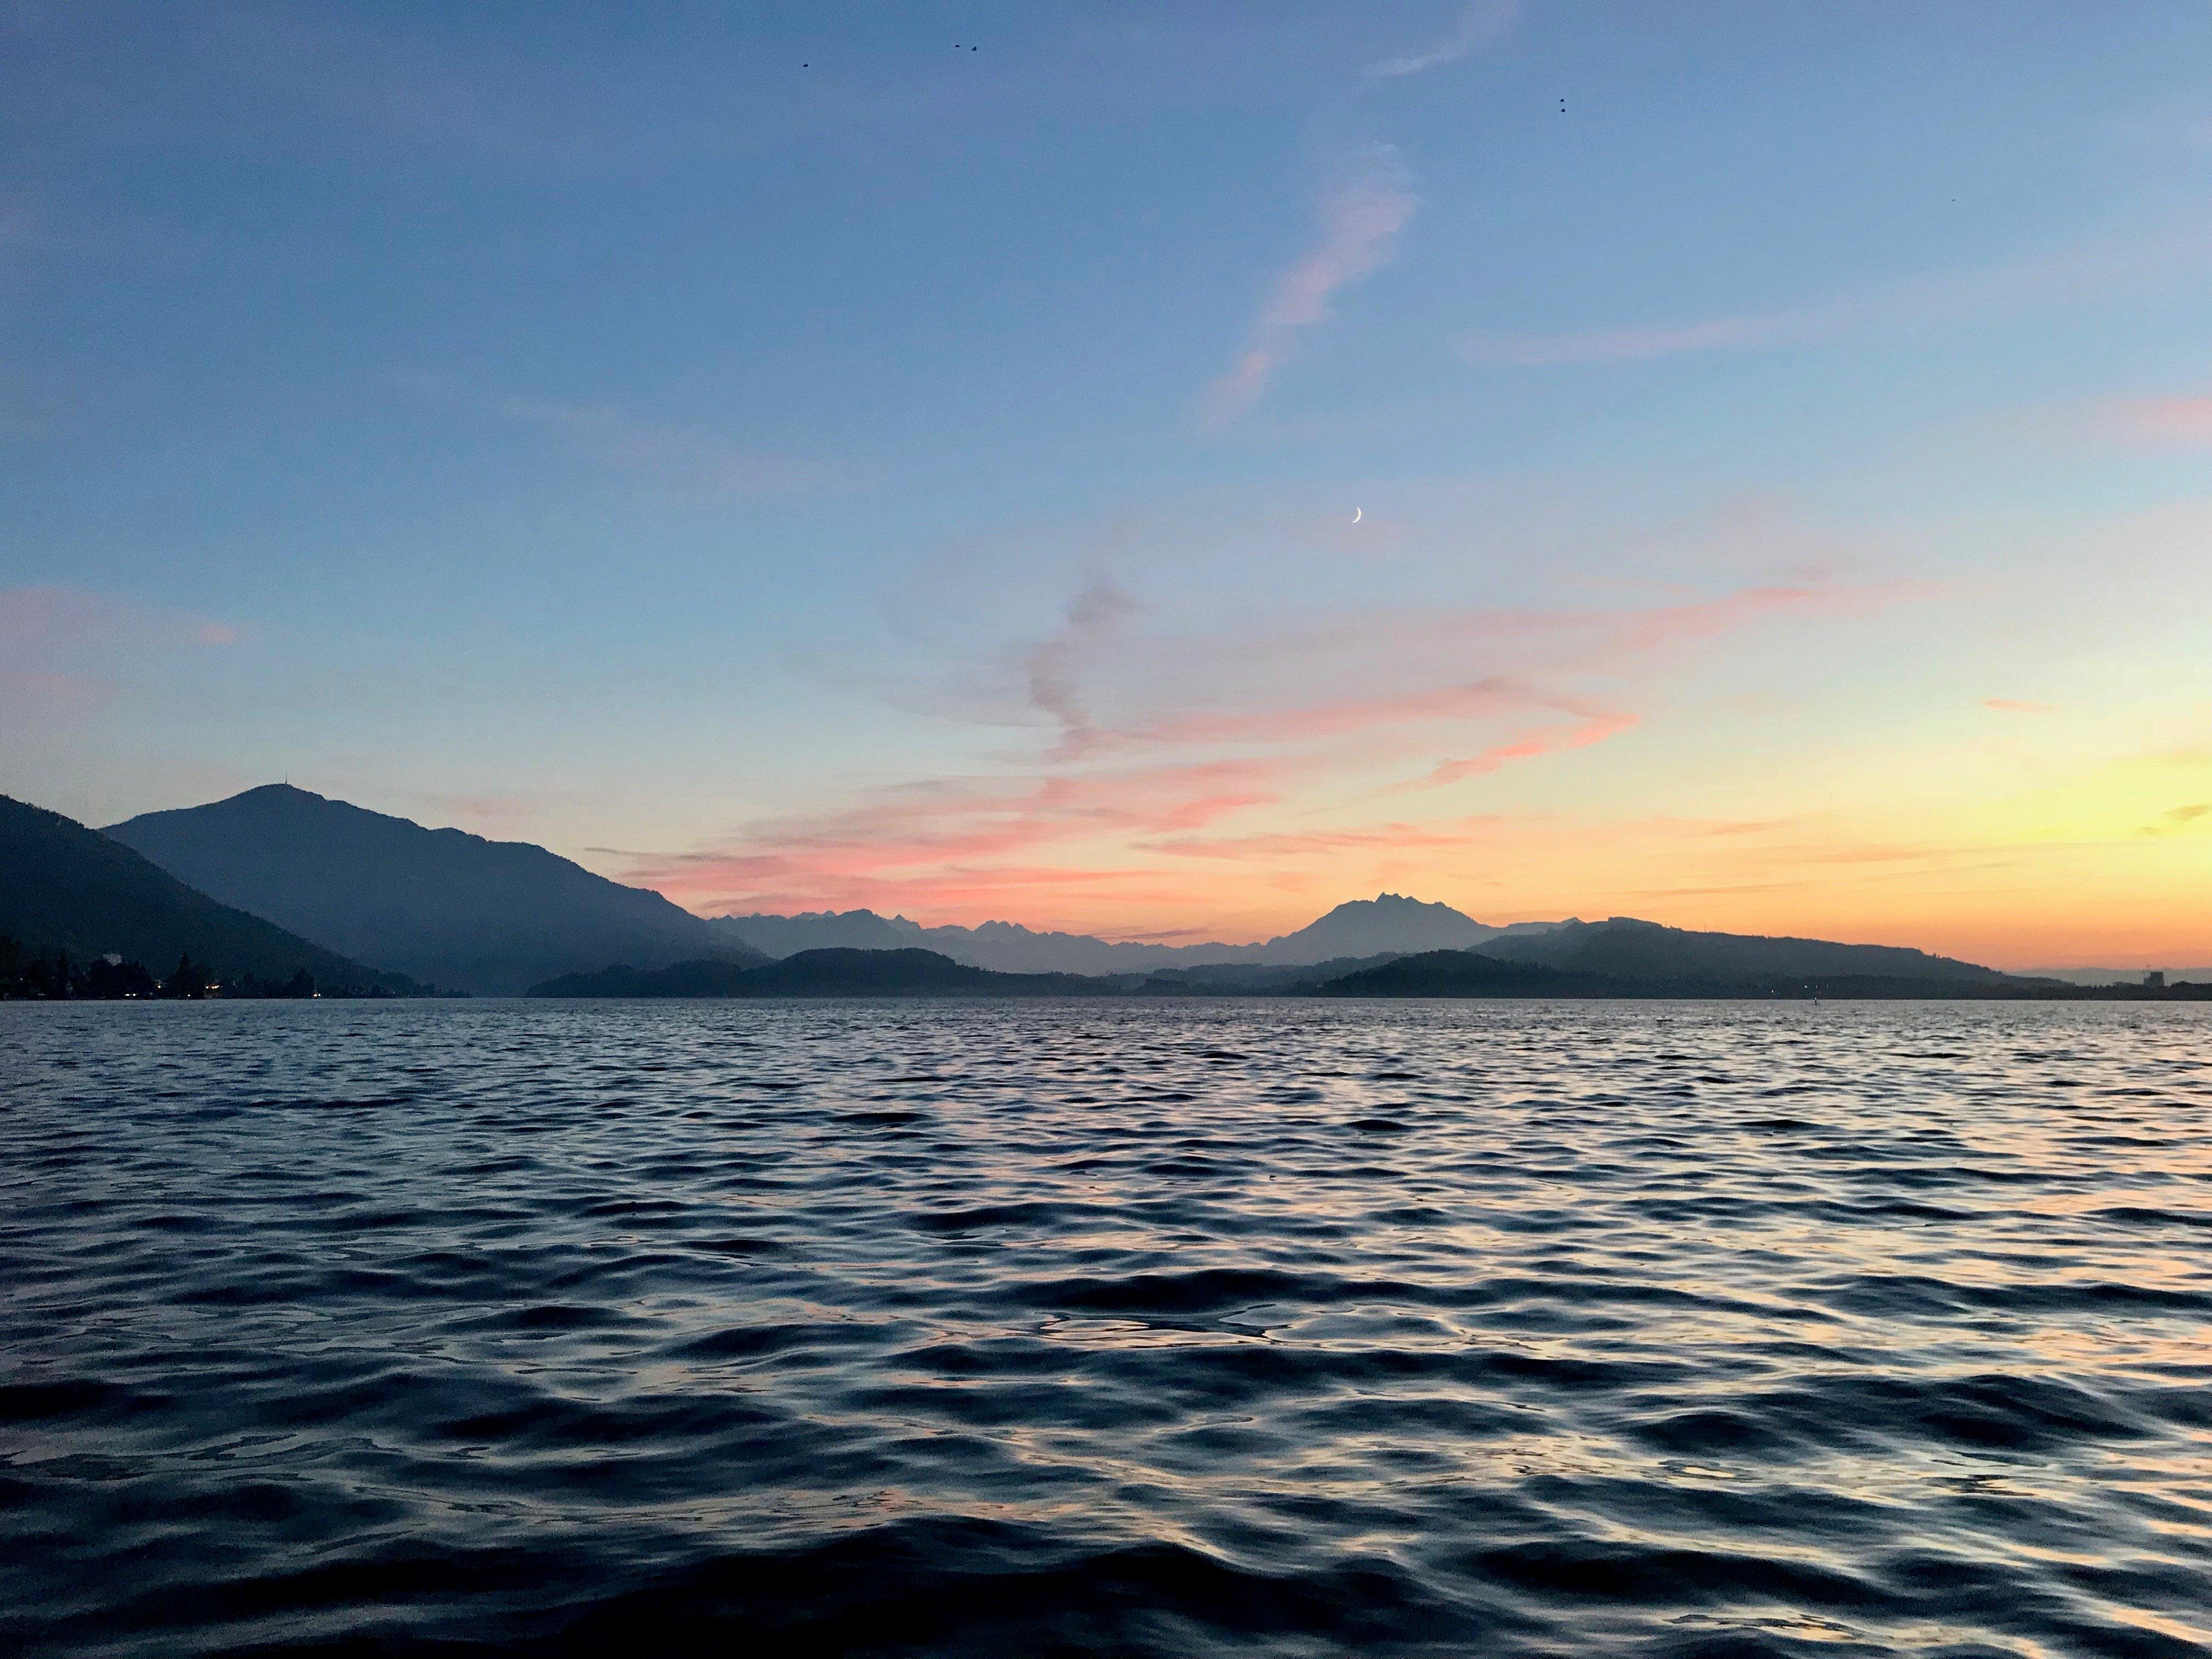 Auch aufgrund solcher abendlicher Panoramen sind die Zuger Badis äusserst beliebt.